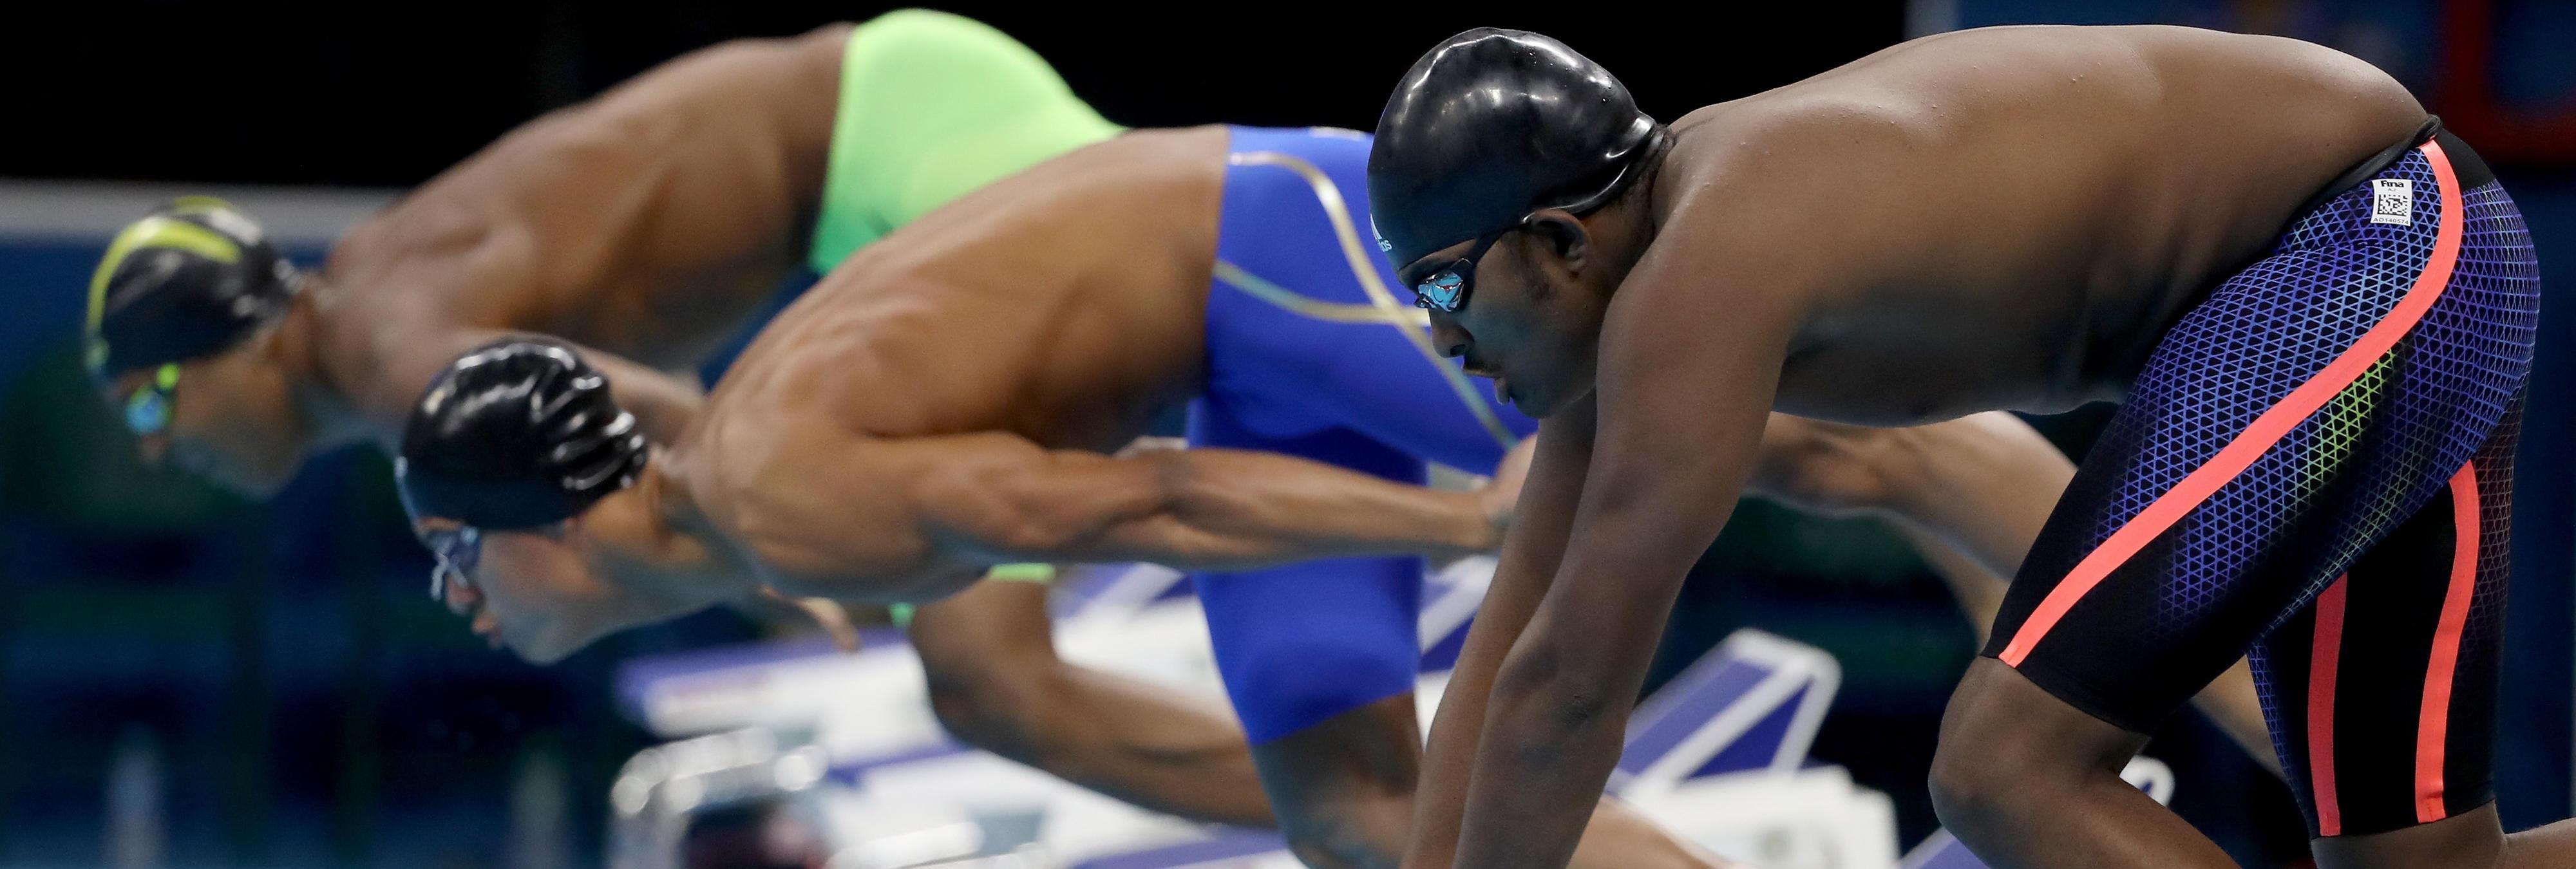 La historia de Robel Kiros Habte, el atleta etíope del que se han reído por su cuerpo en Río 2016